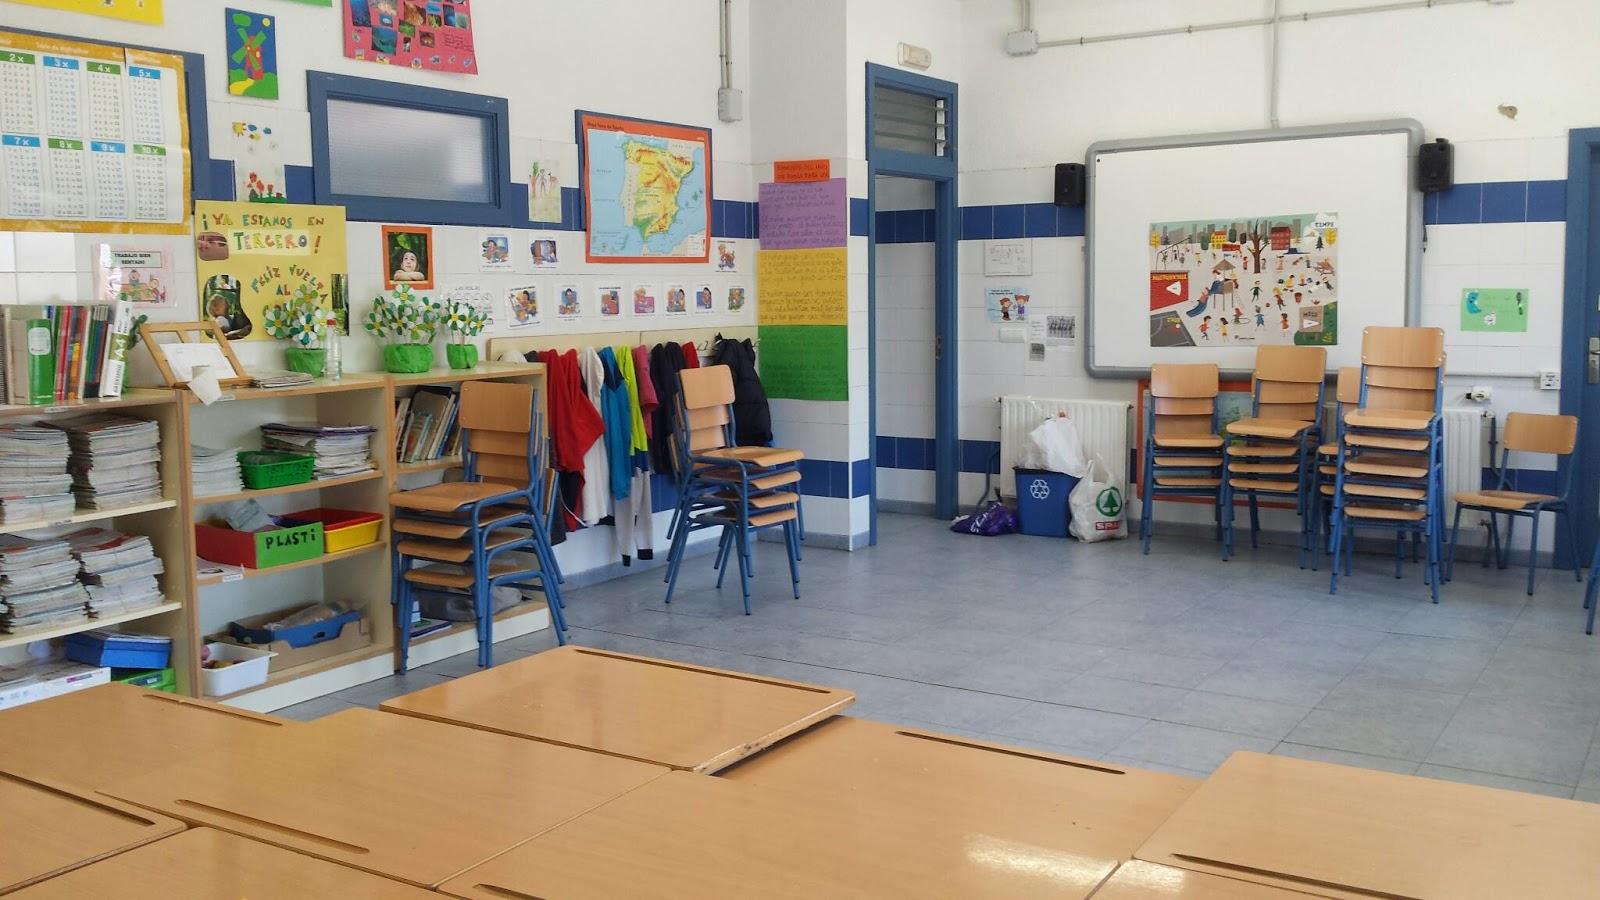 Blog de cuarto de primaria junio 2017 for Cuarto primaria